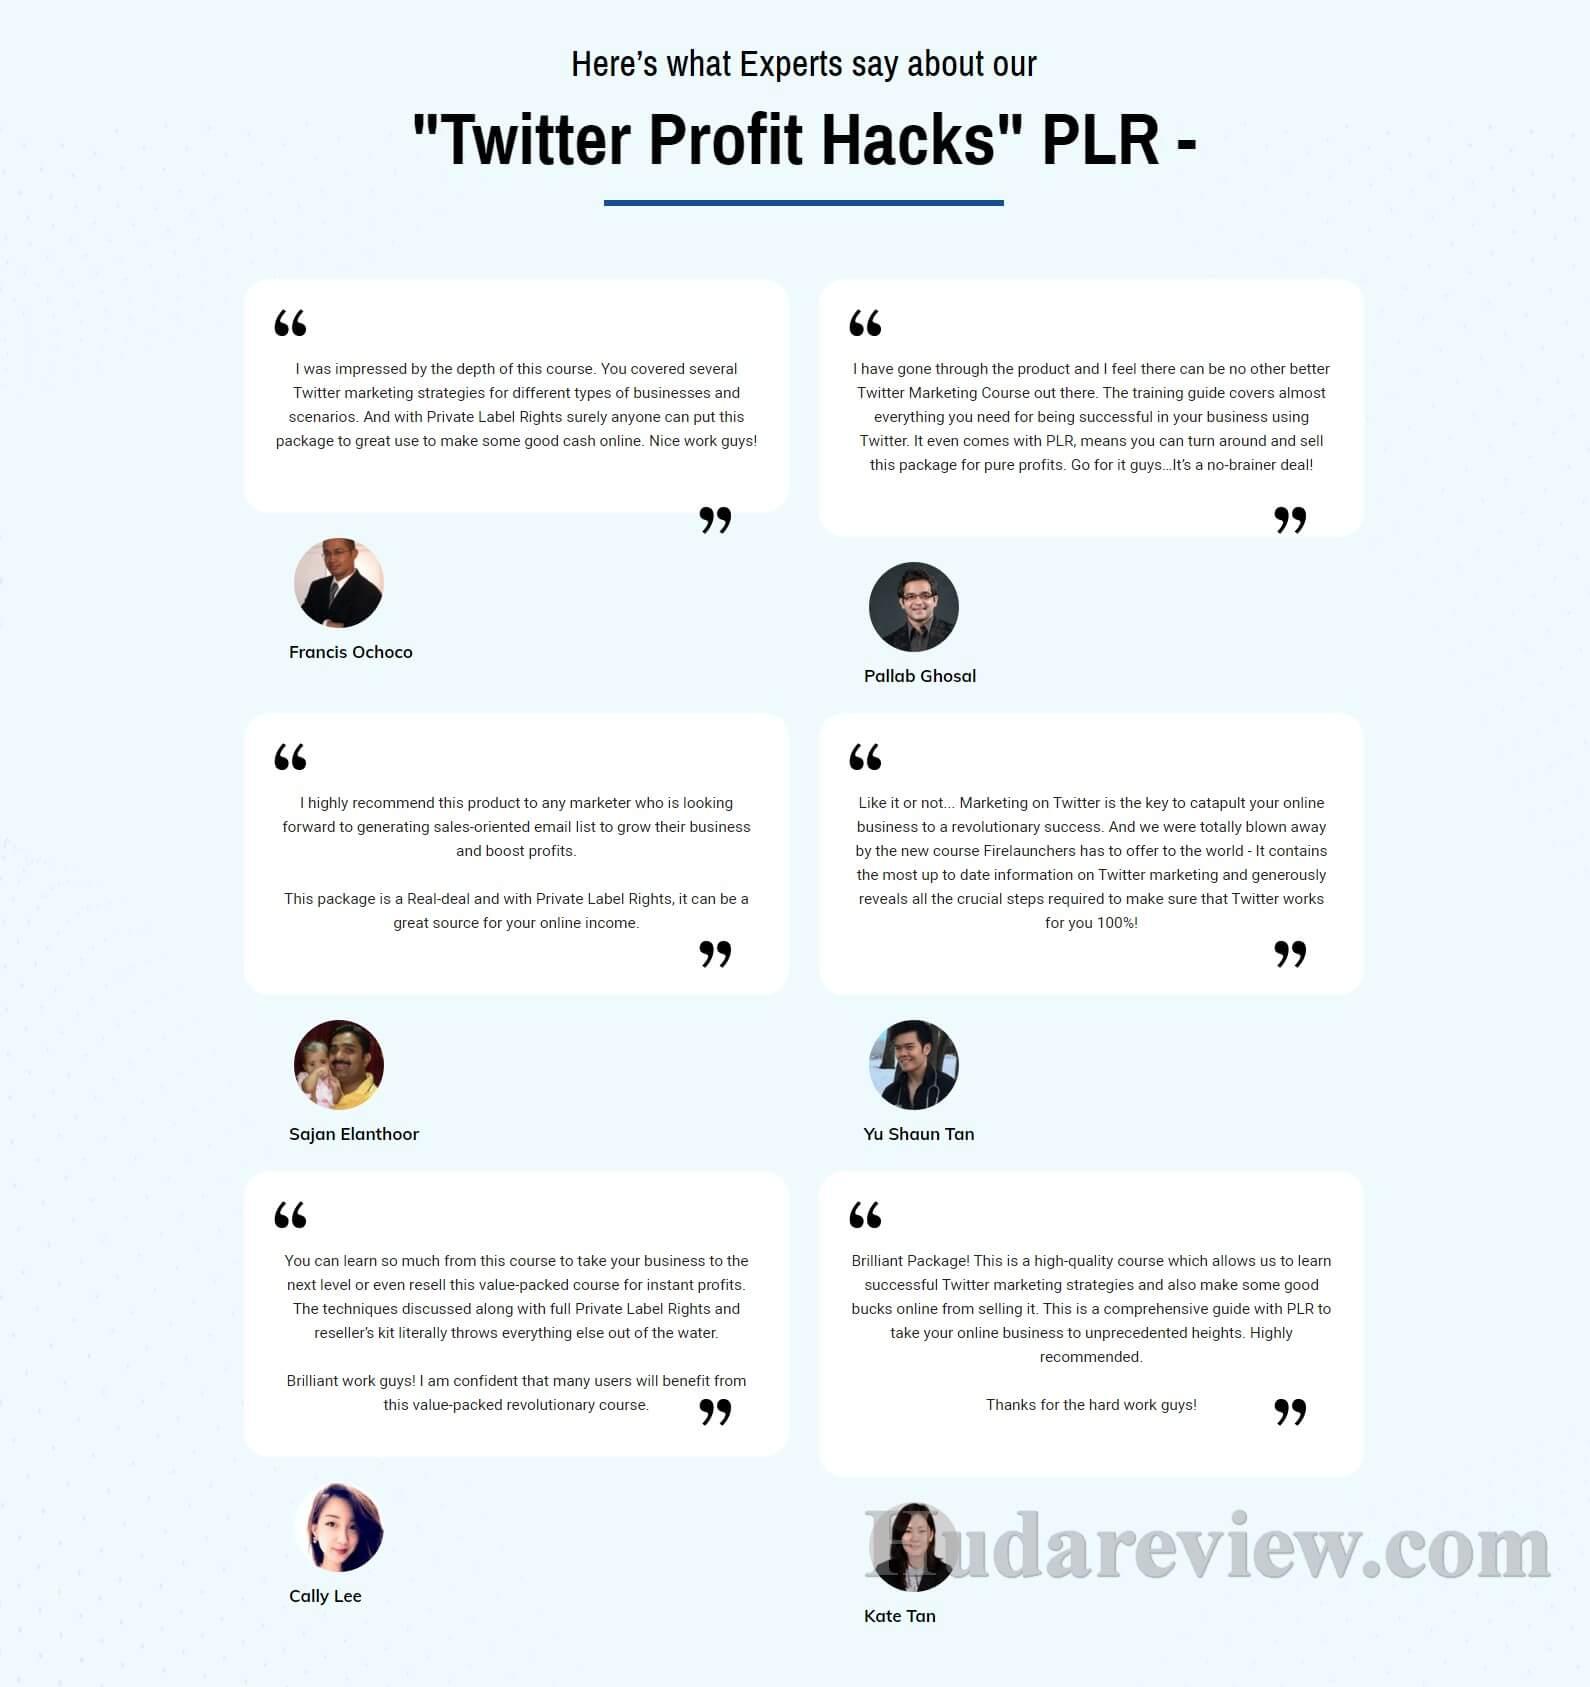 Twitter-Profit-Hacks-Comment1